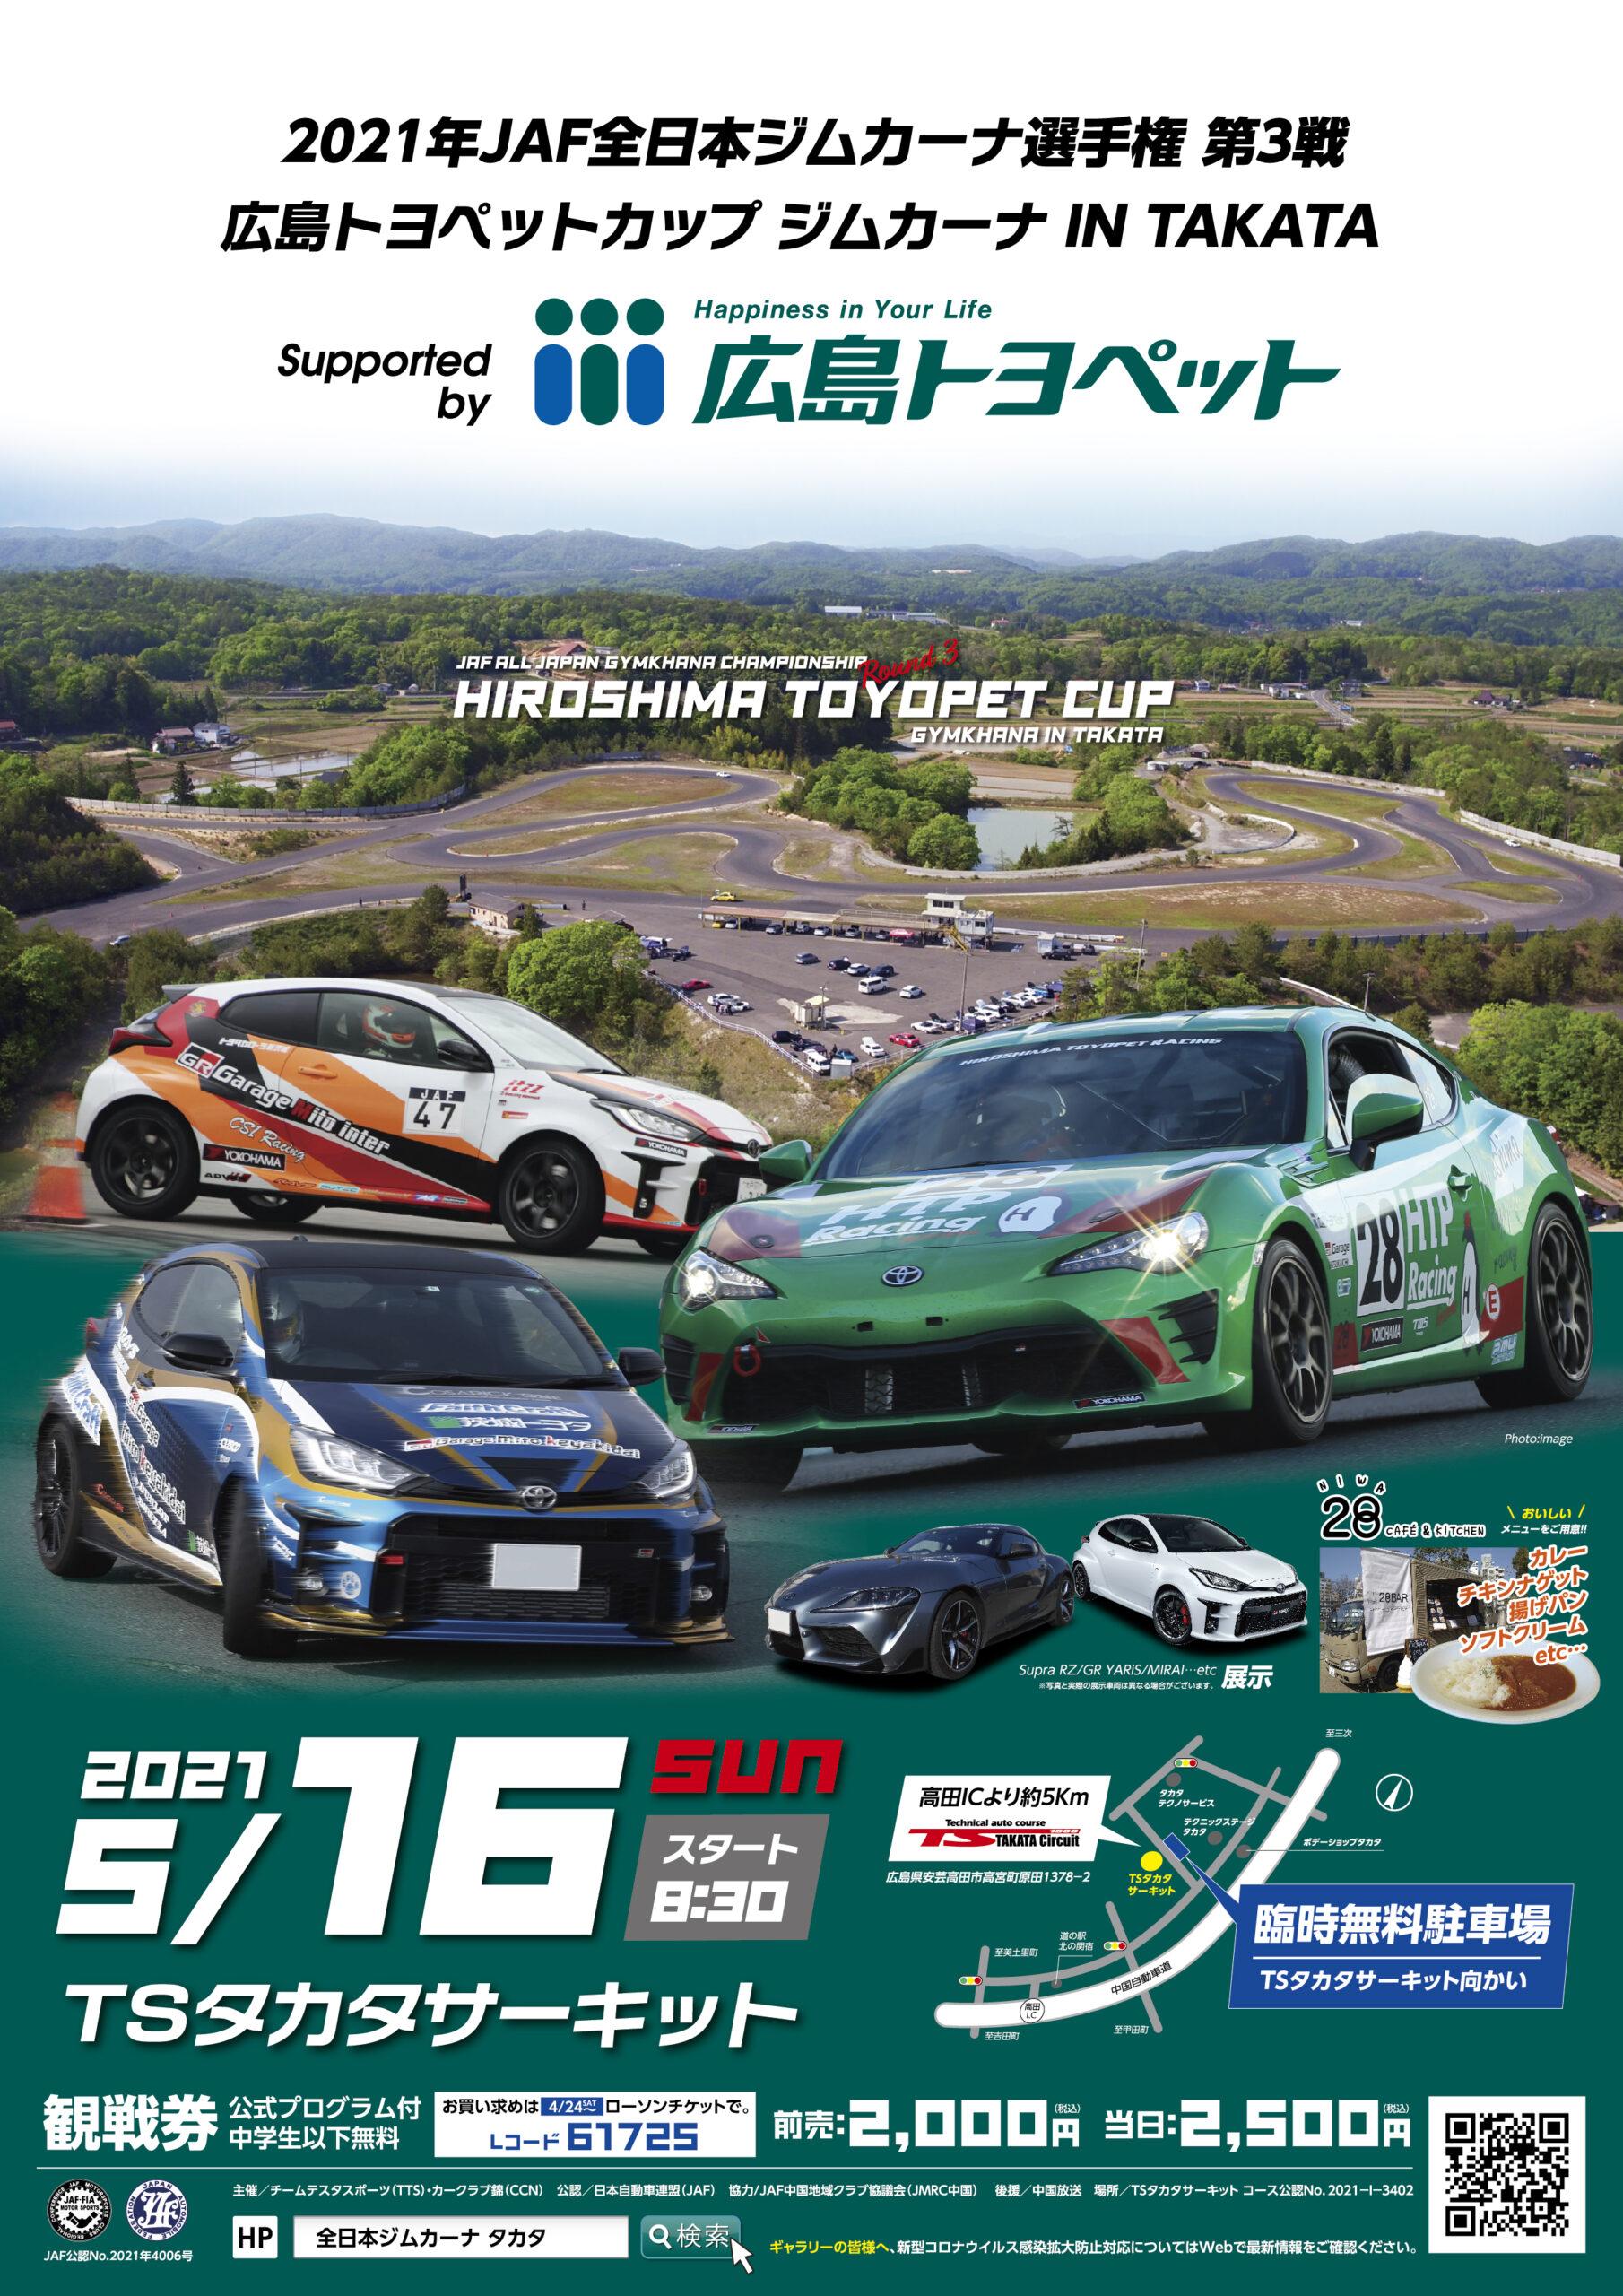 5/16開催!!広島トヨペットカップ 2021全日本ジムカーナ選手権第3戦